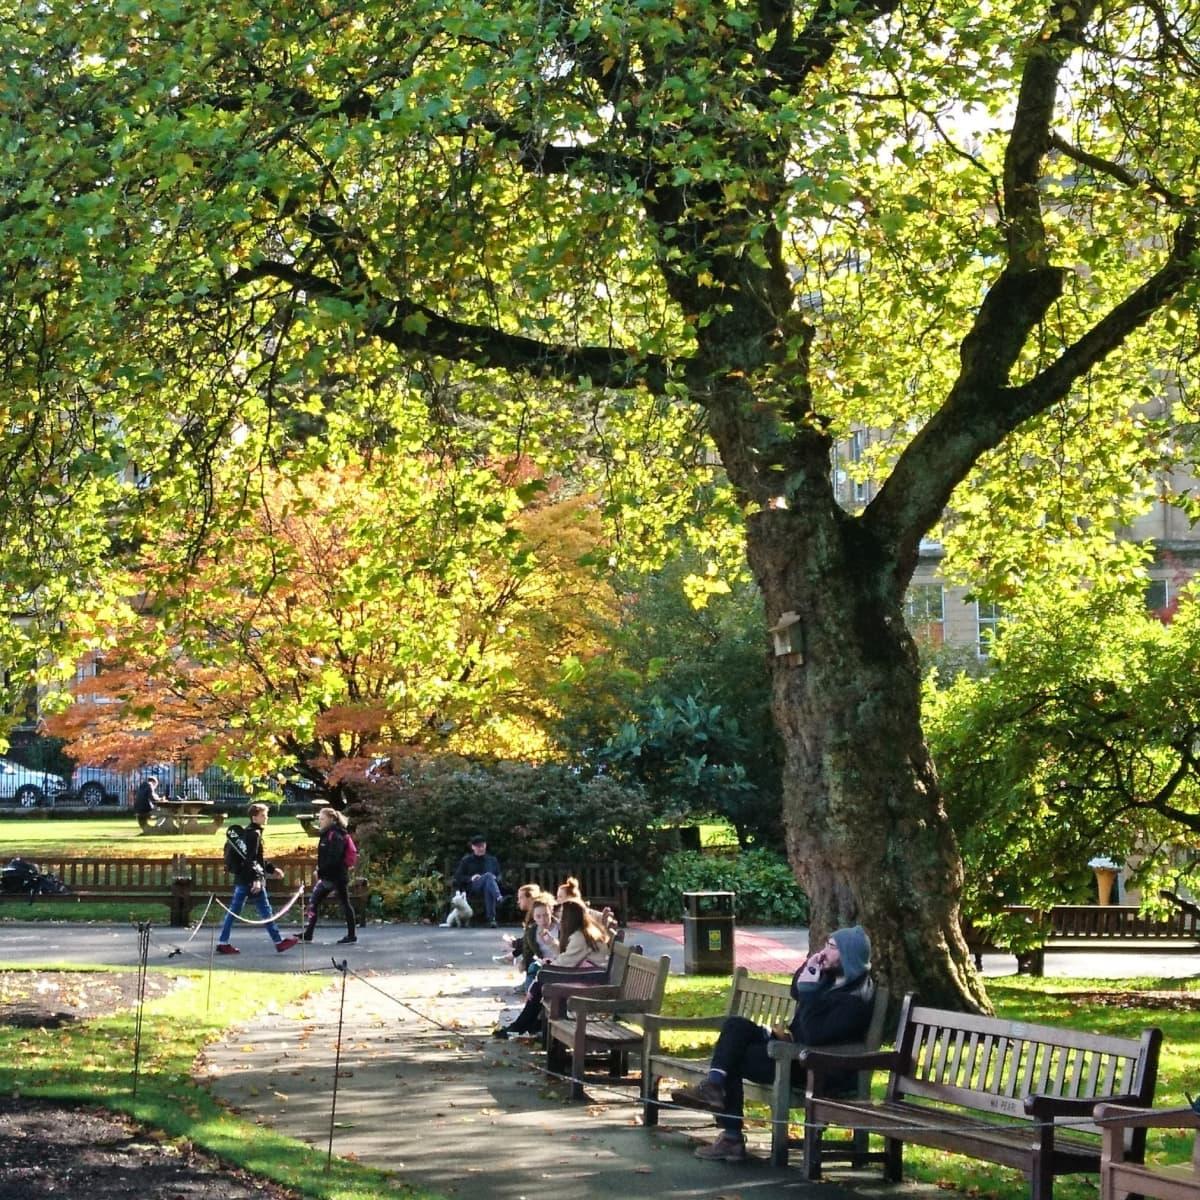 Ihmisiä kävelemässä ja istumassa puistossa.